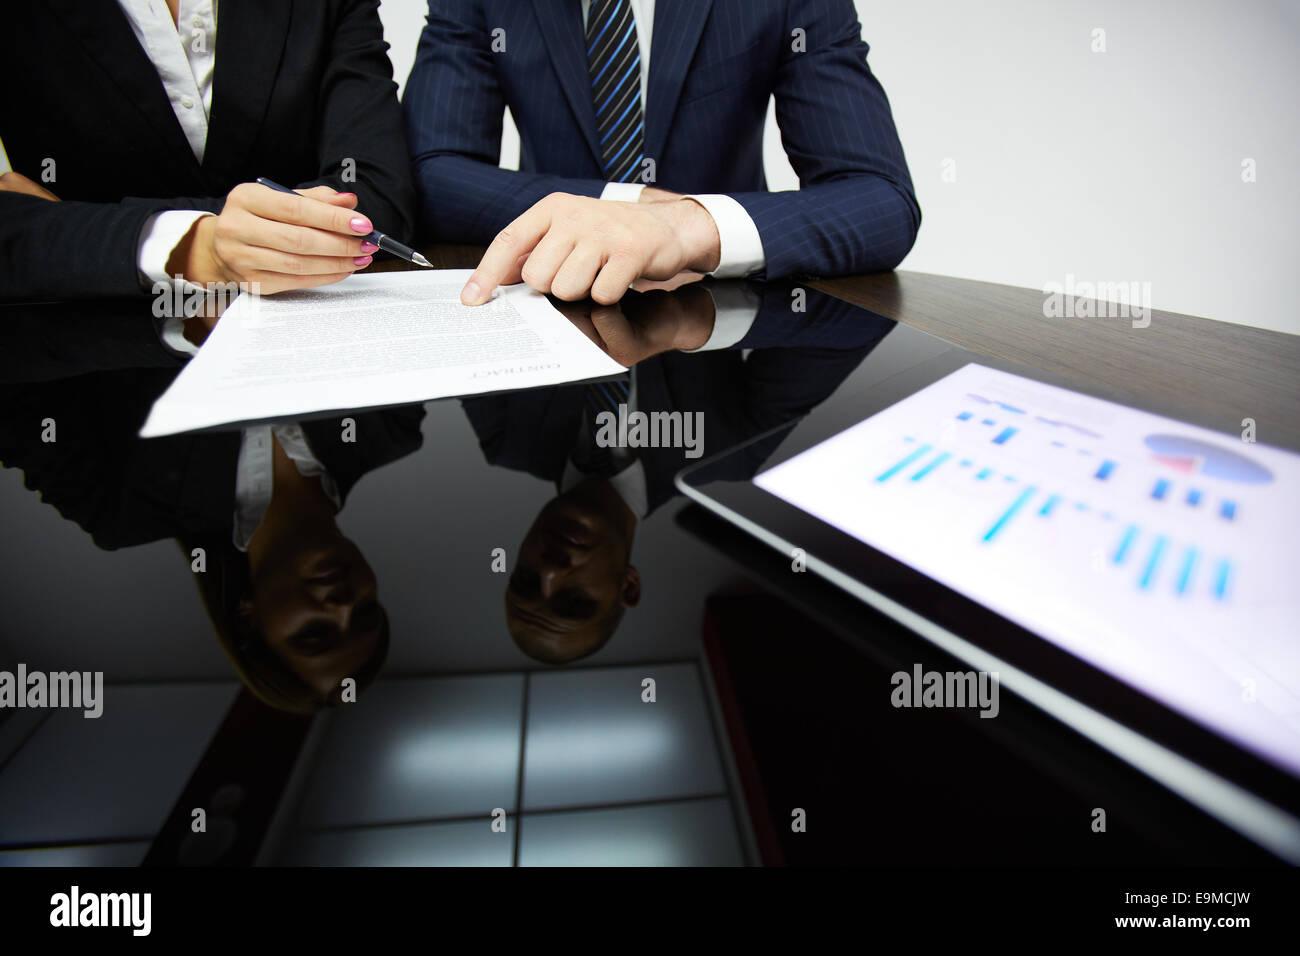 Business Partner Hände während des Lesens Vertrag Stockfoto, Bild ...